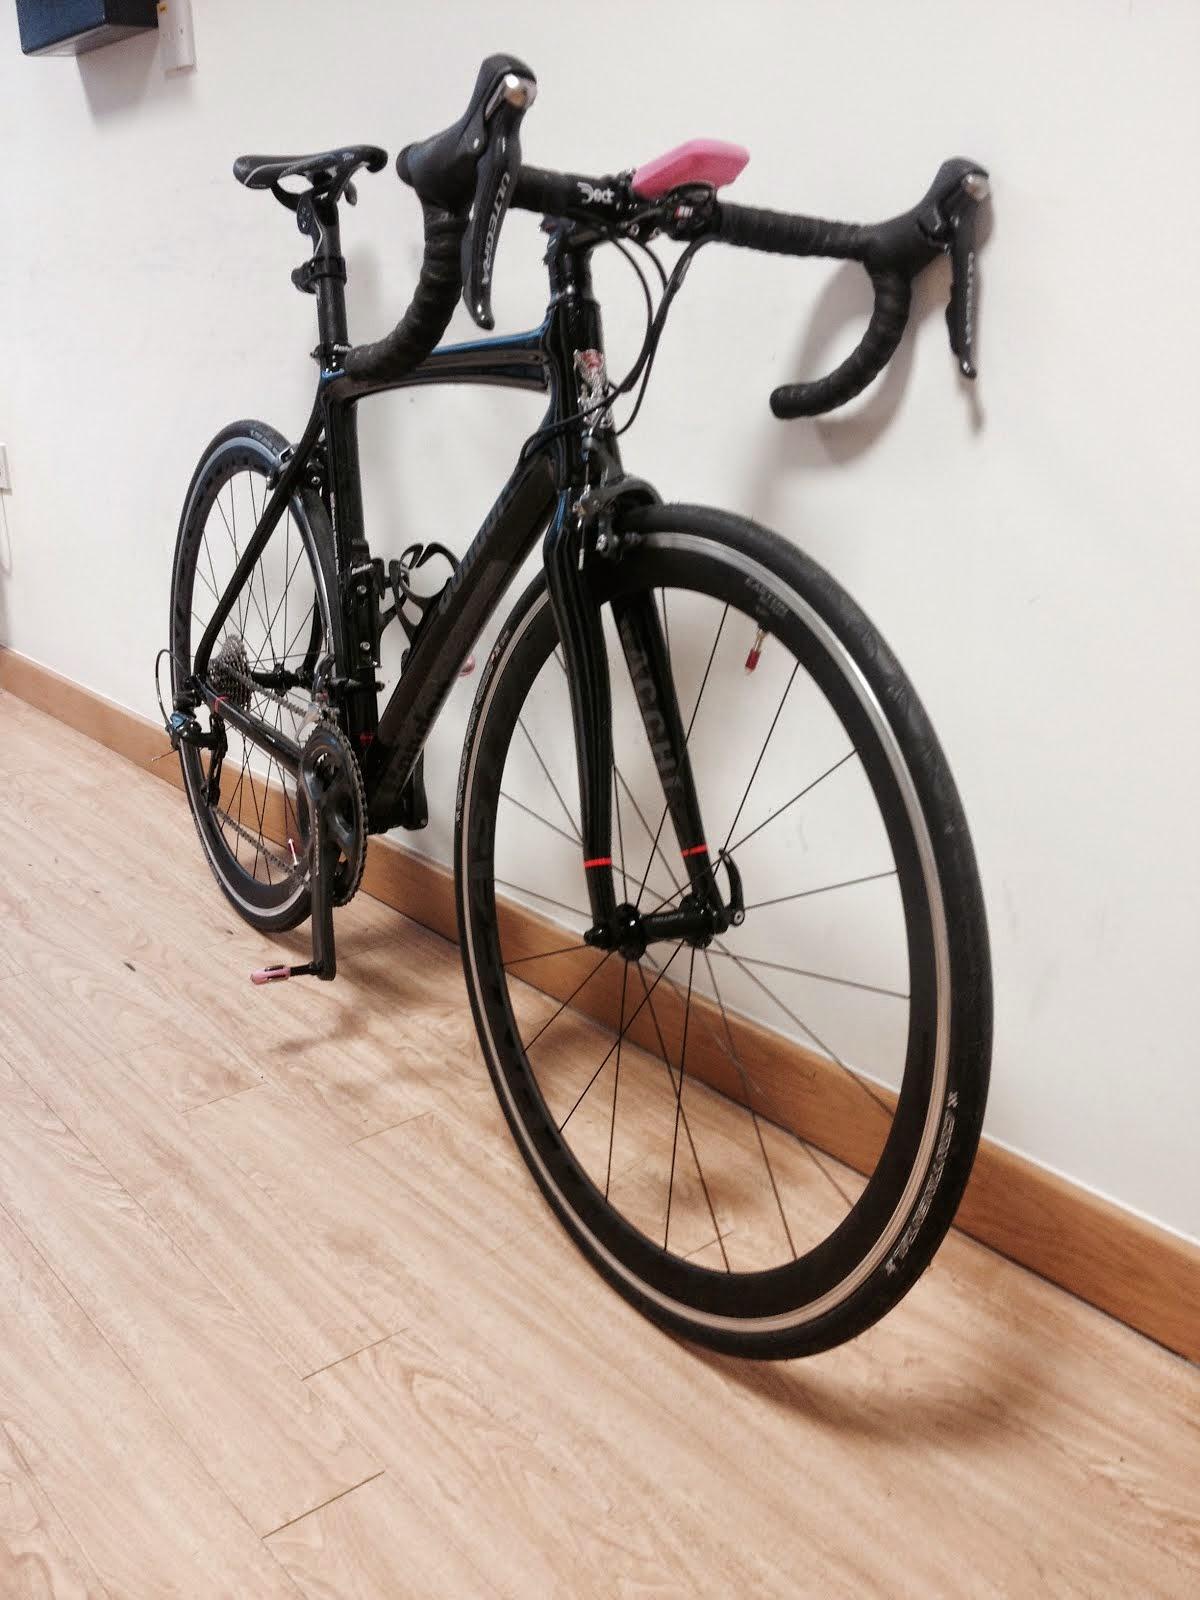 My Condor Sportive Bike